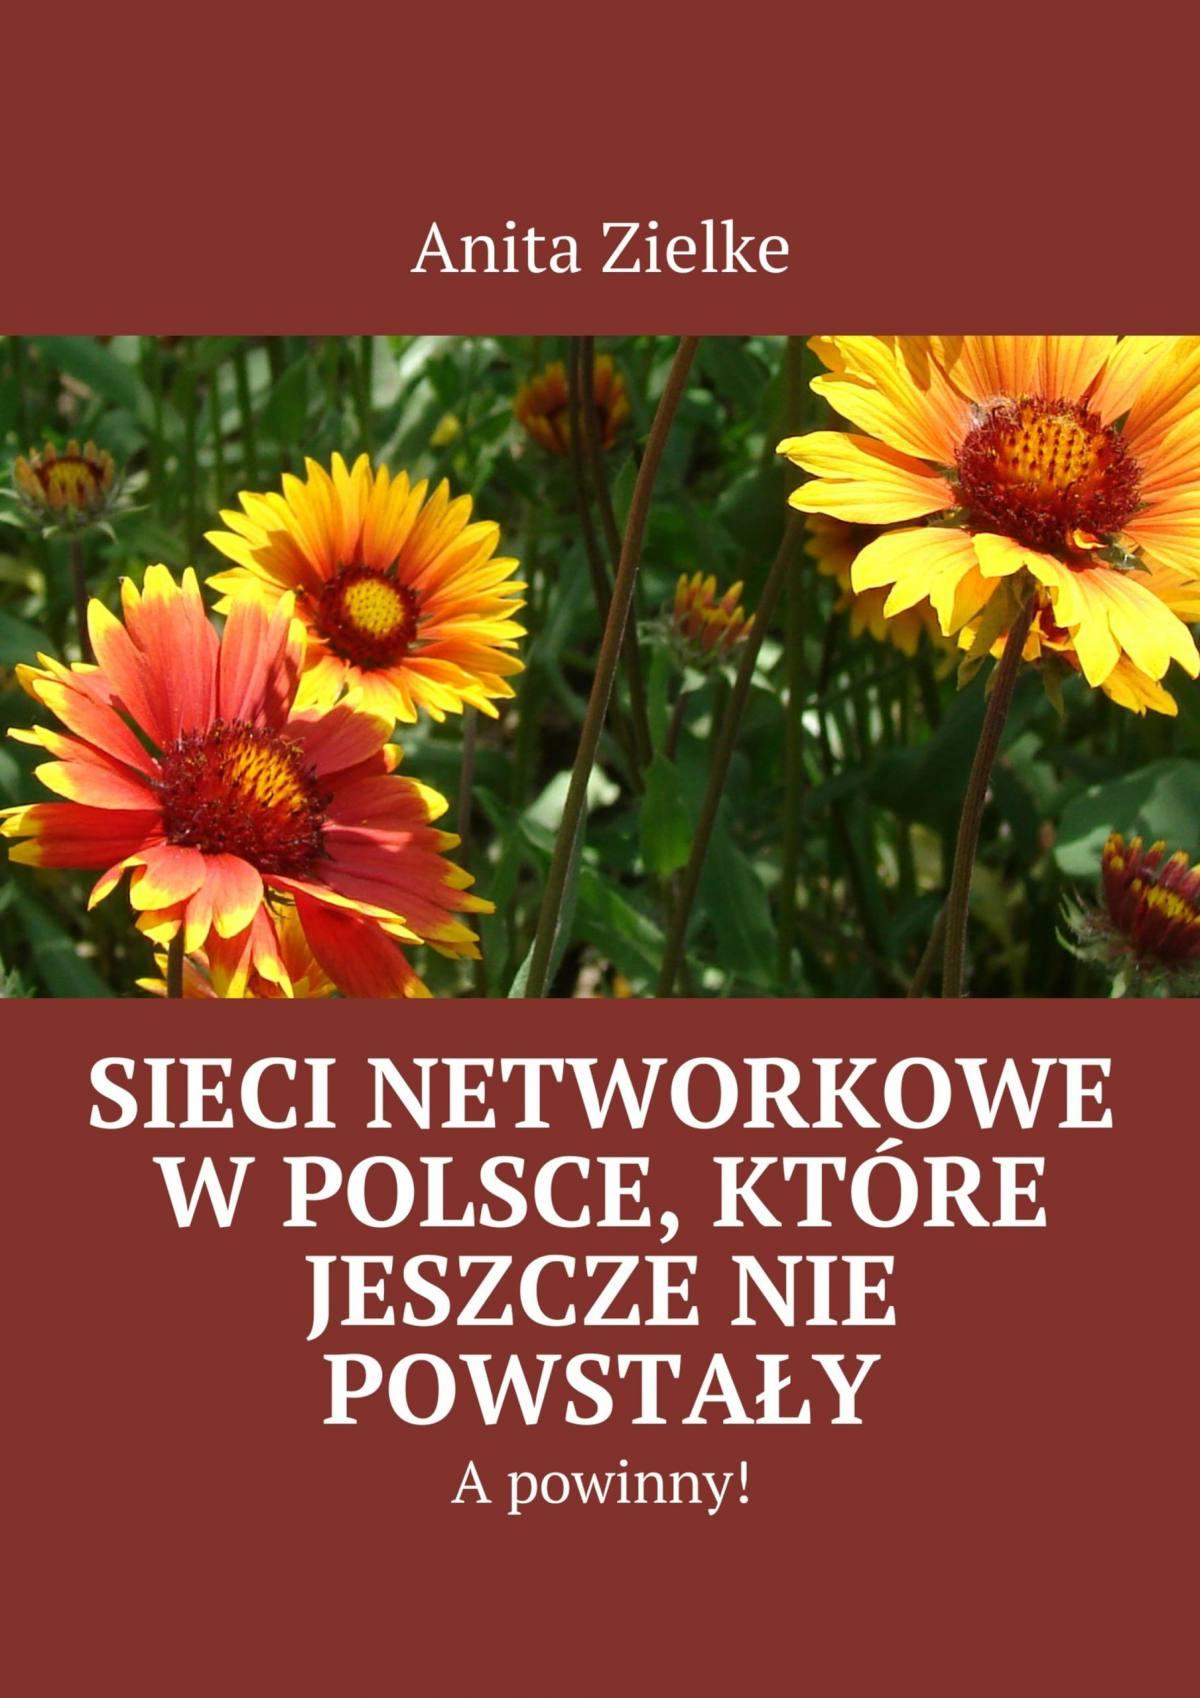 Sieci networkowe w Polsce, które jeszcze nie powstały, a powinny! - Ebook (Książka EPUB) do pobrania w formacie EPUB